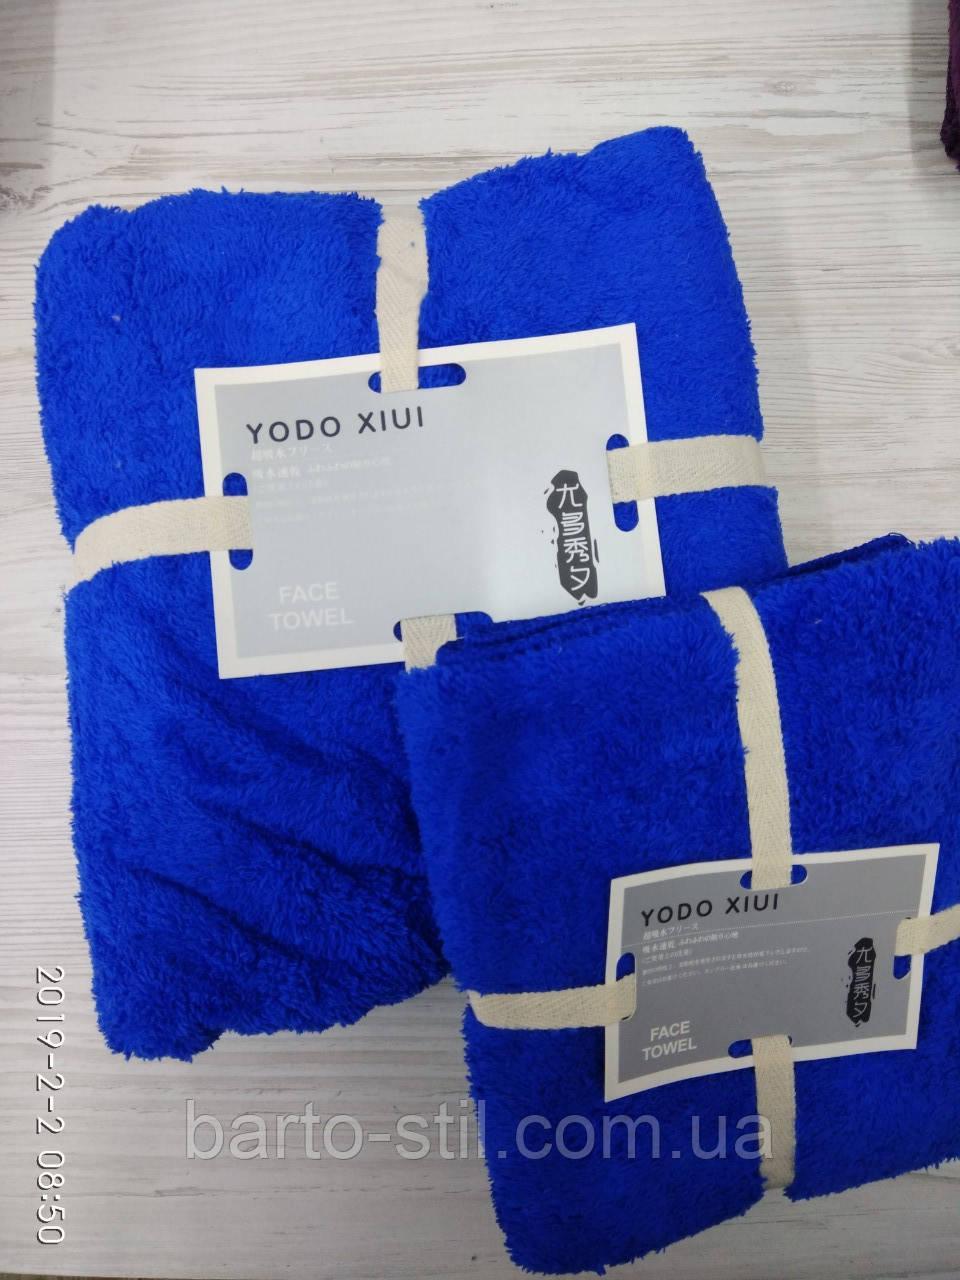 Полотенца вкомплекте (лицо-баня) подарочная упаковка